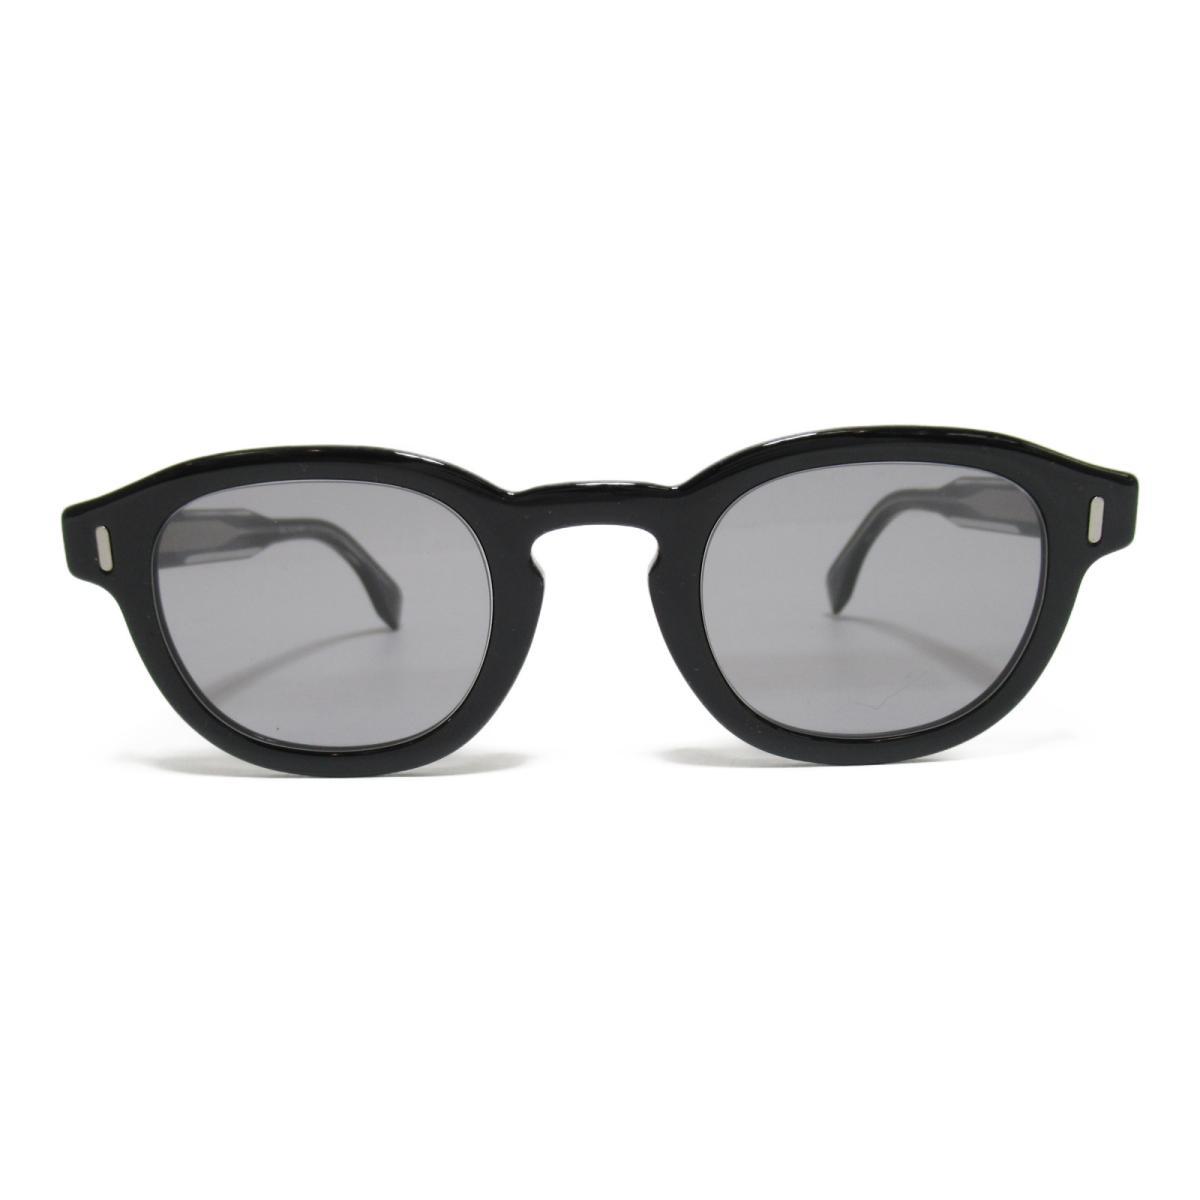 眼鏡・サングラス, その他 1025!31OFF (M0100G 08AIR)